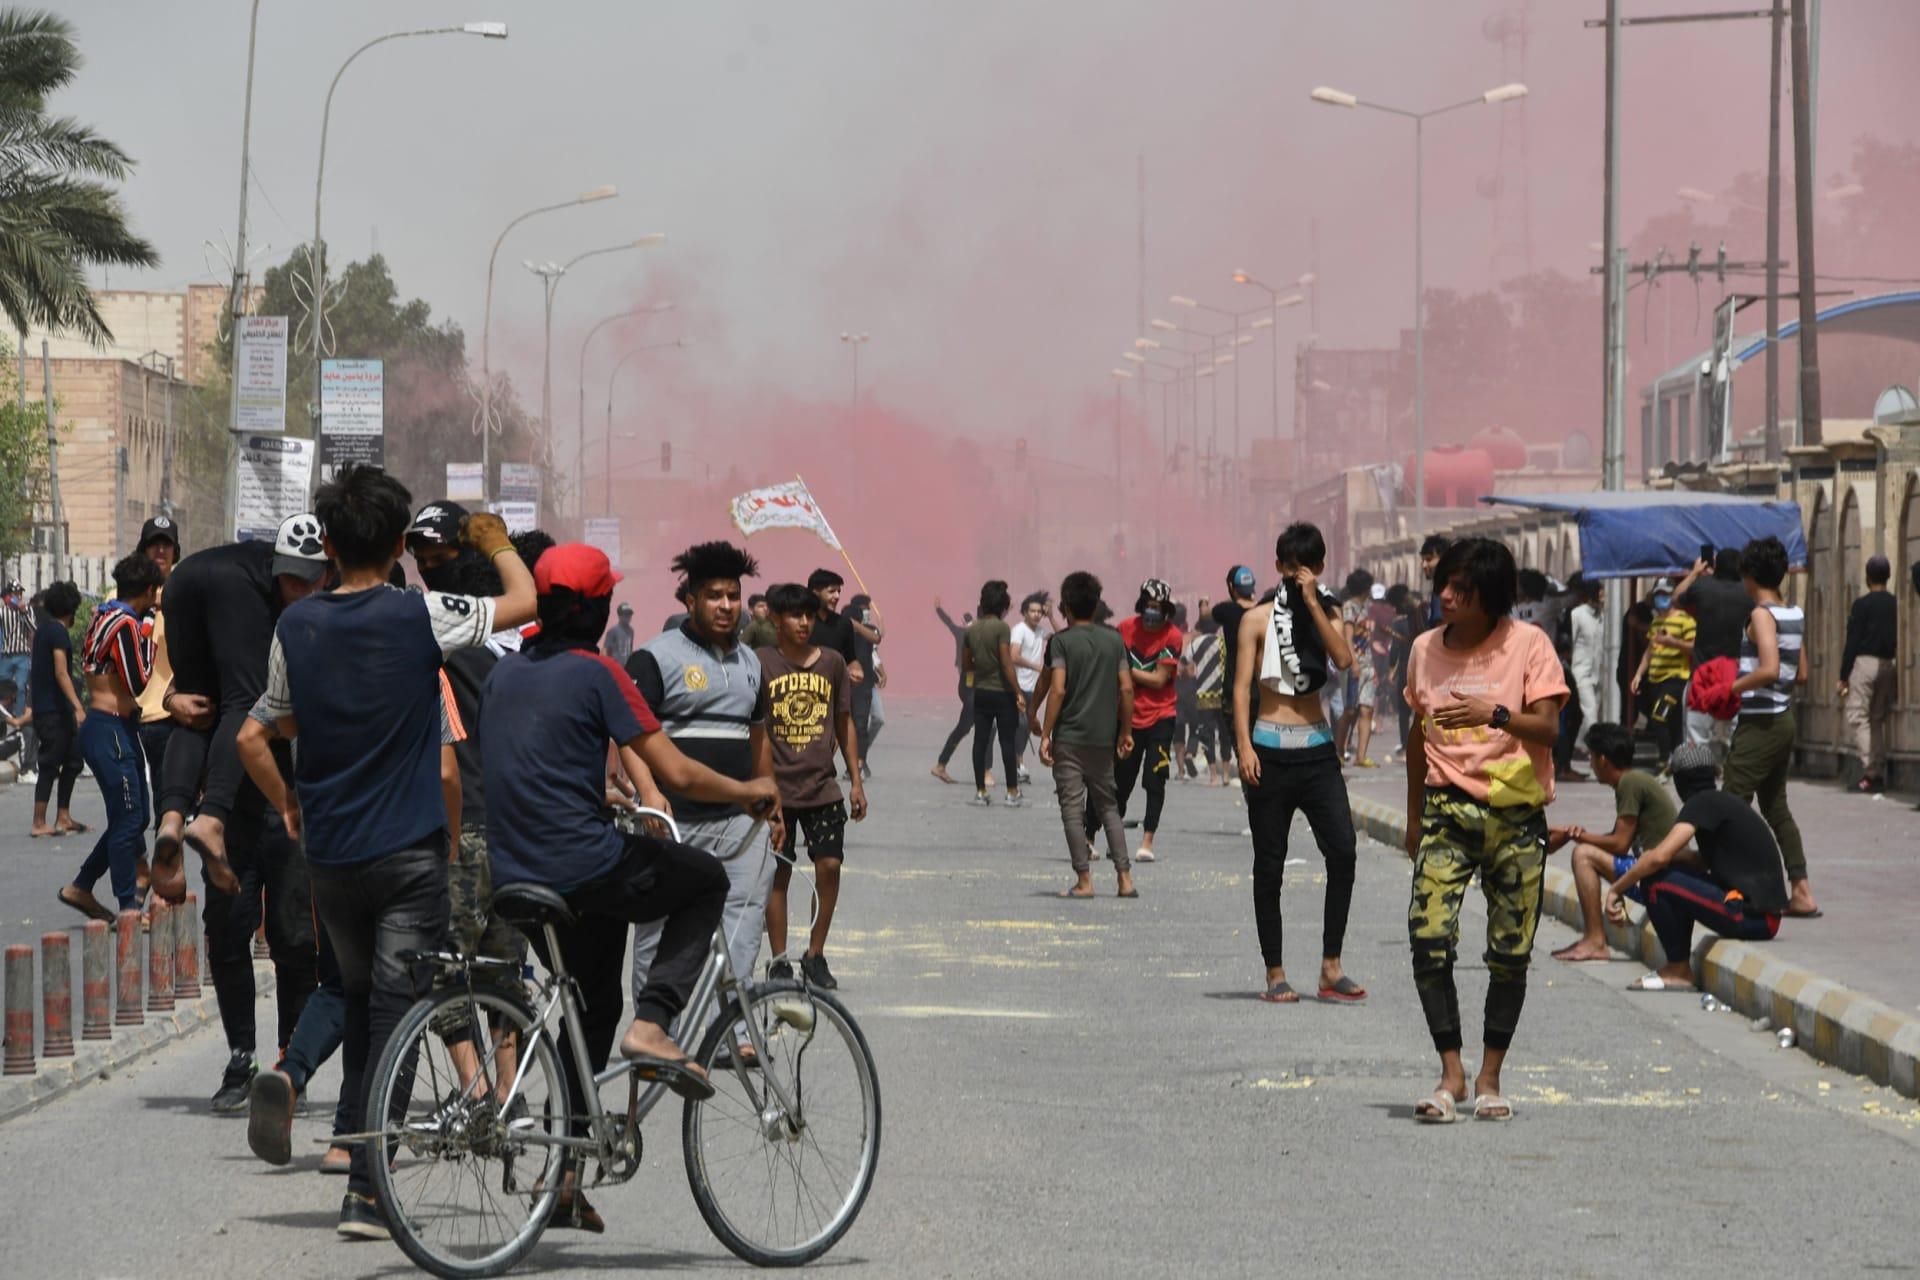 انفجار عبوة ناسفة في خيام ساحة اعتصام جنوب العراق